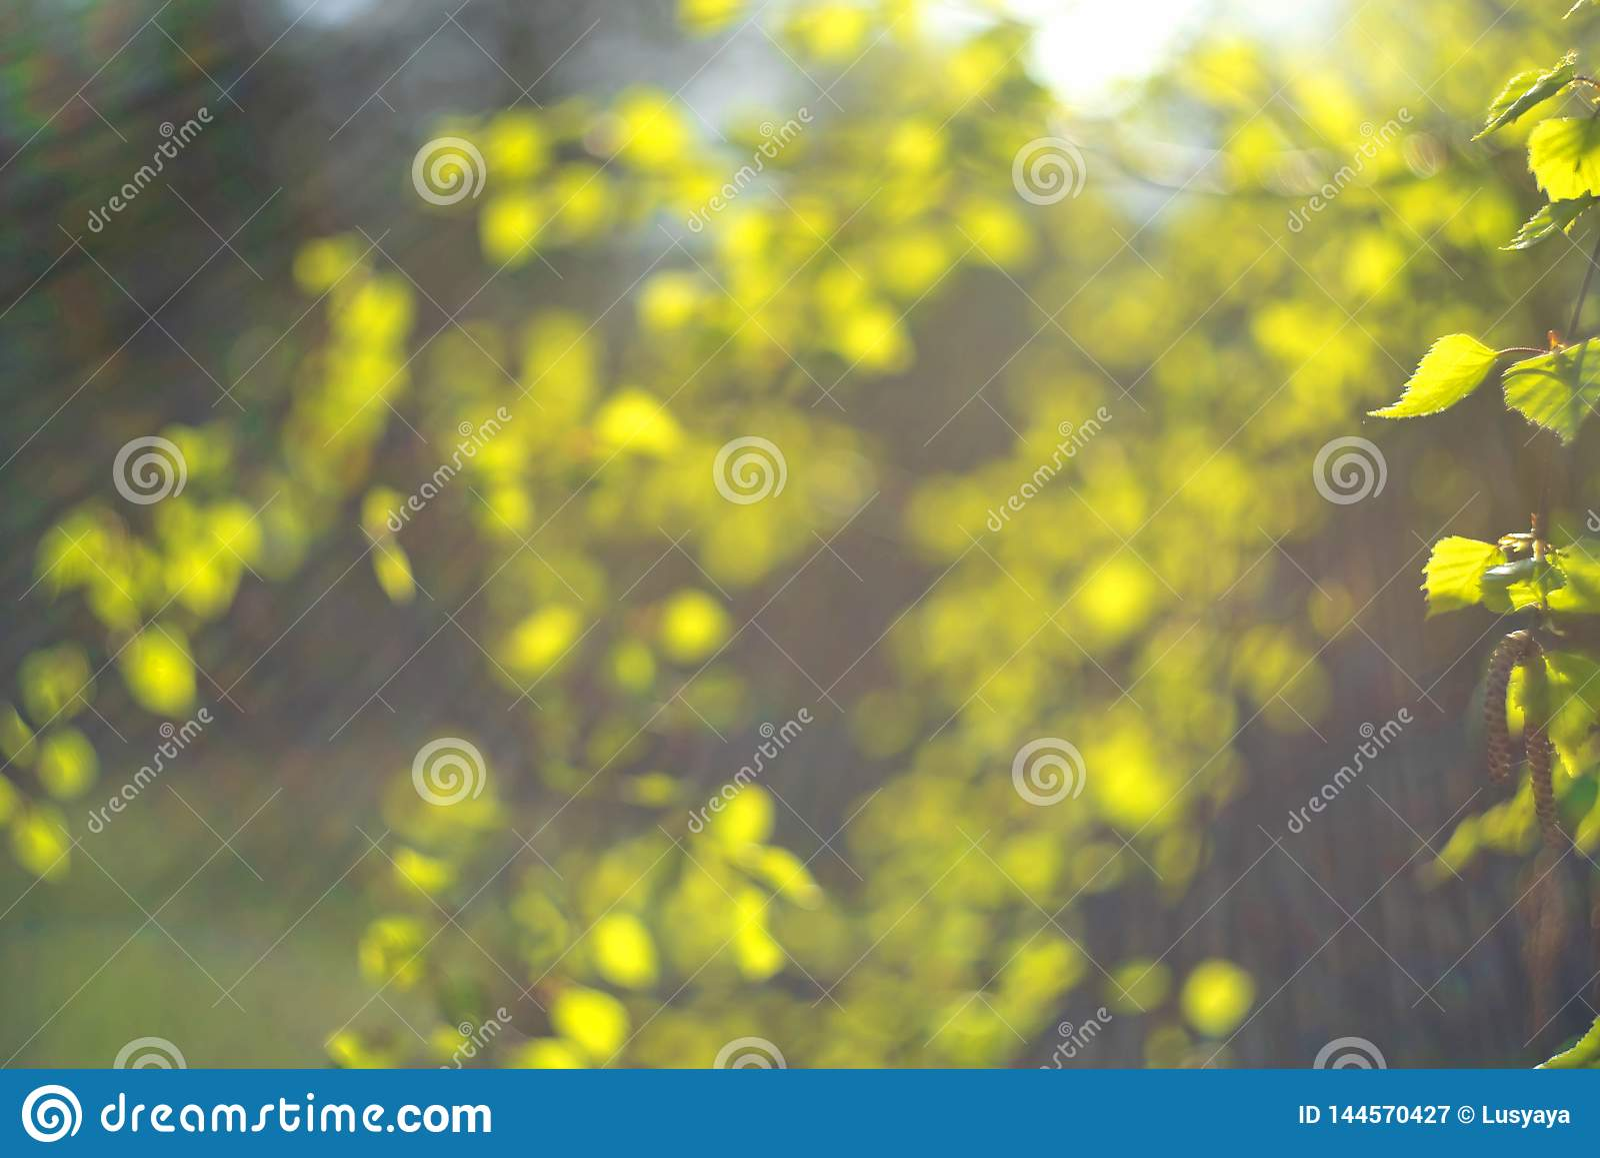 LRainbow del verde de la primavera el sun& x27; rayos de s en un fondo borroso del follaje verde fresco Concepto de la naturaleza